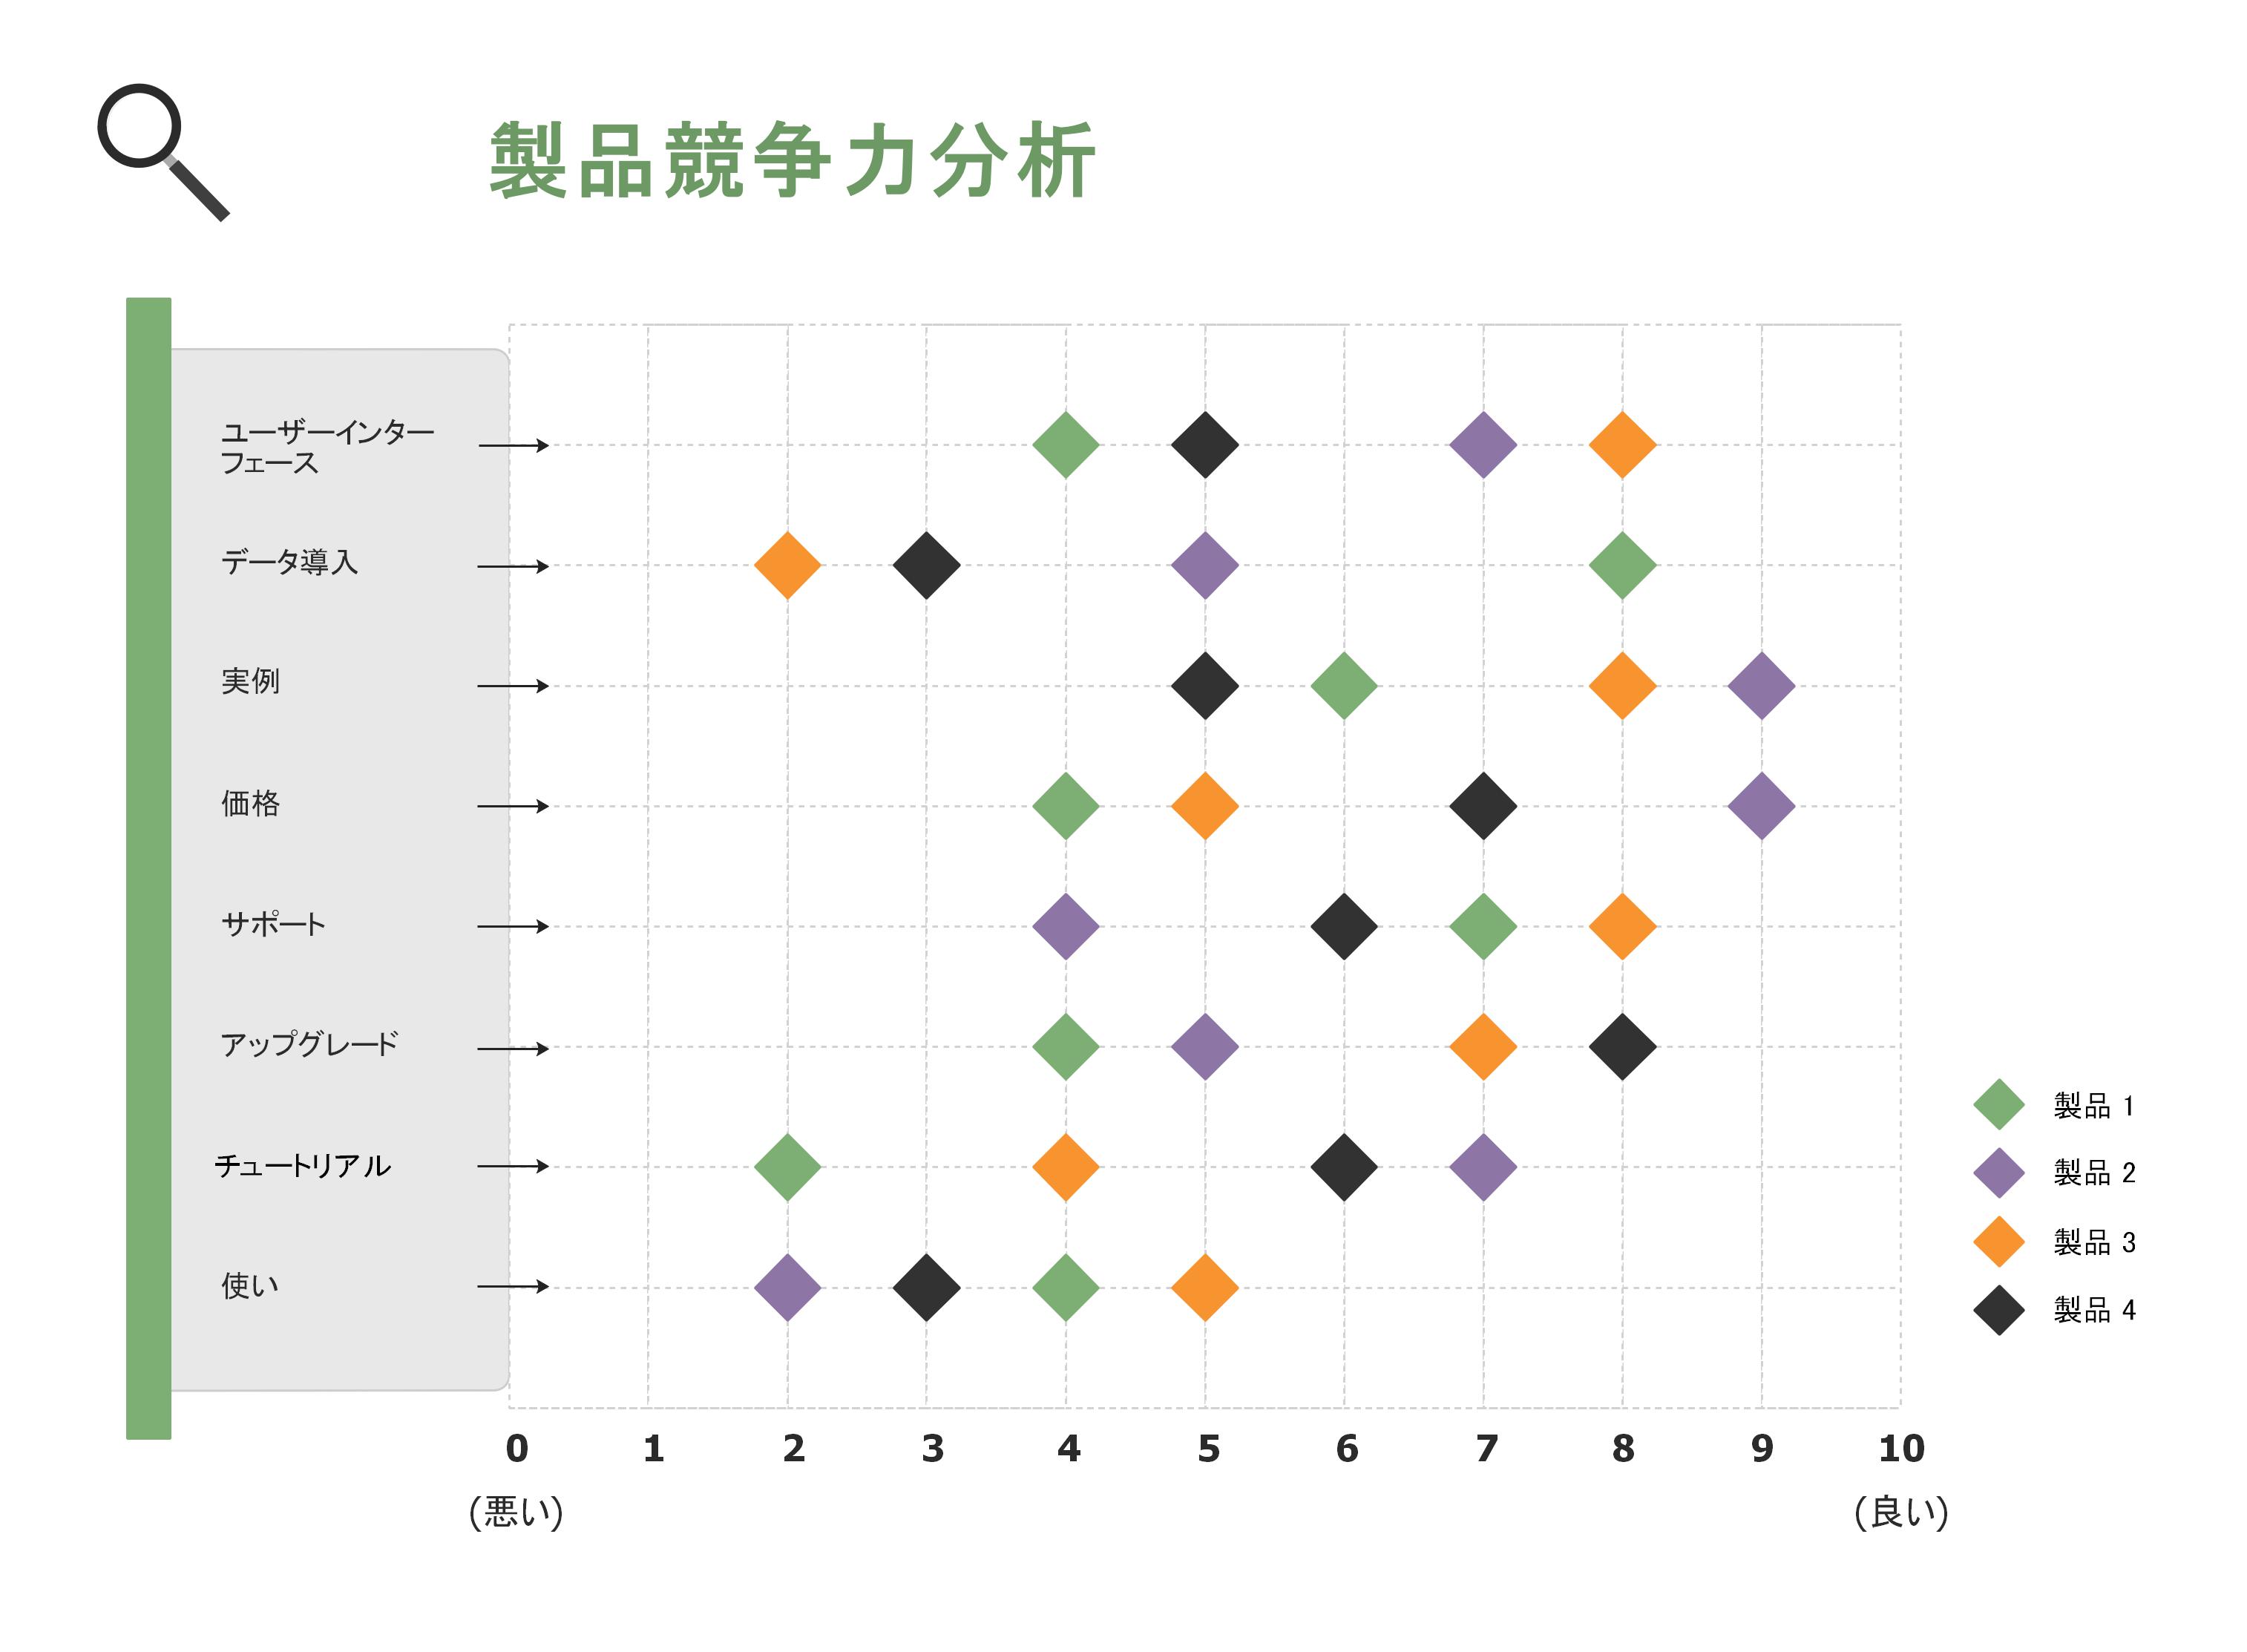 散布図 競合分析